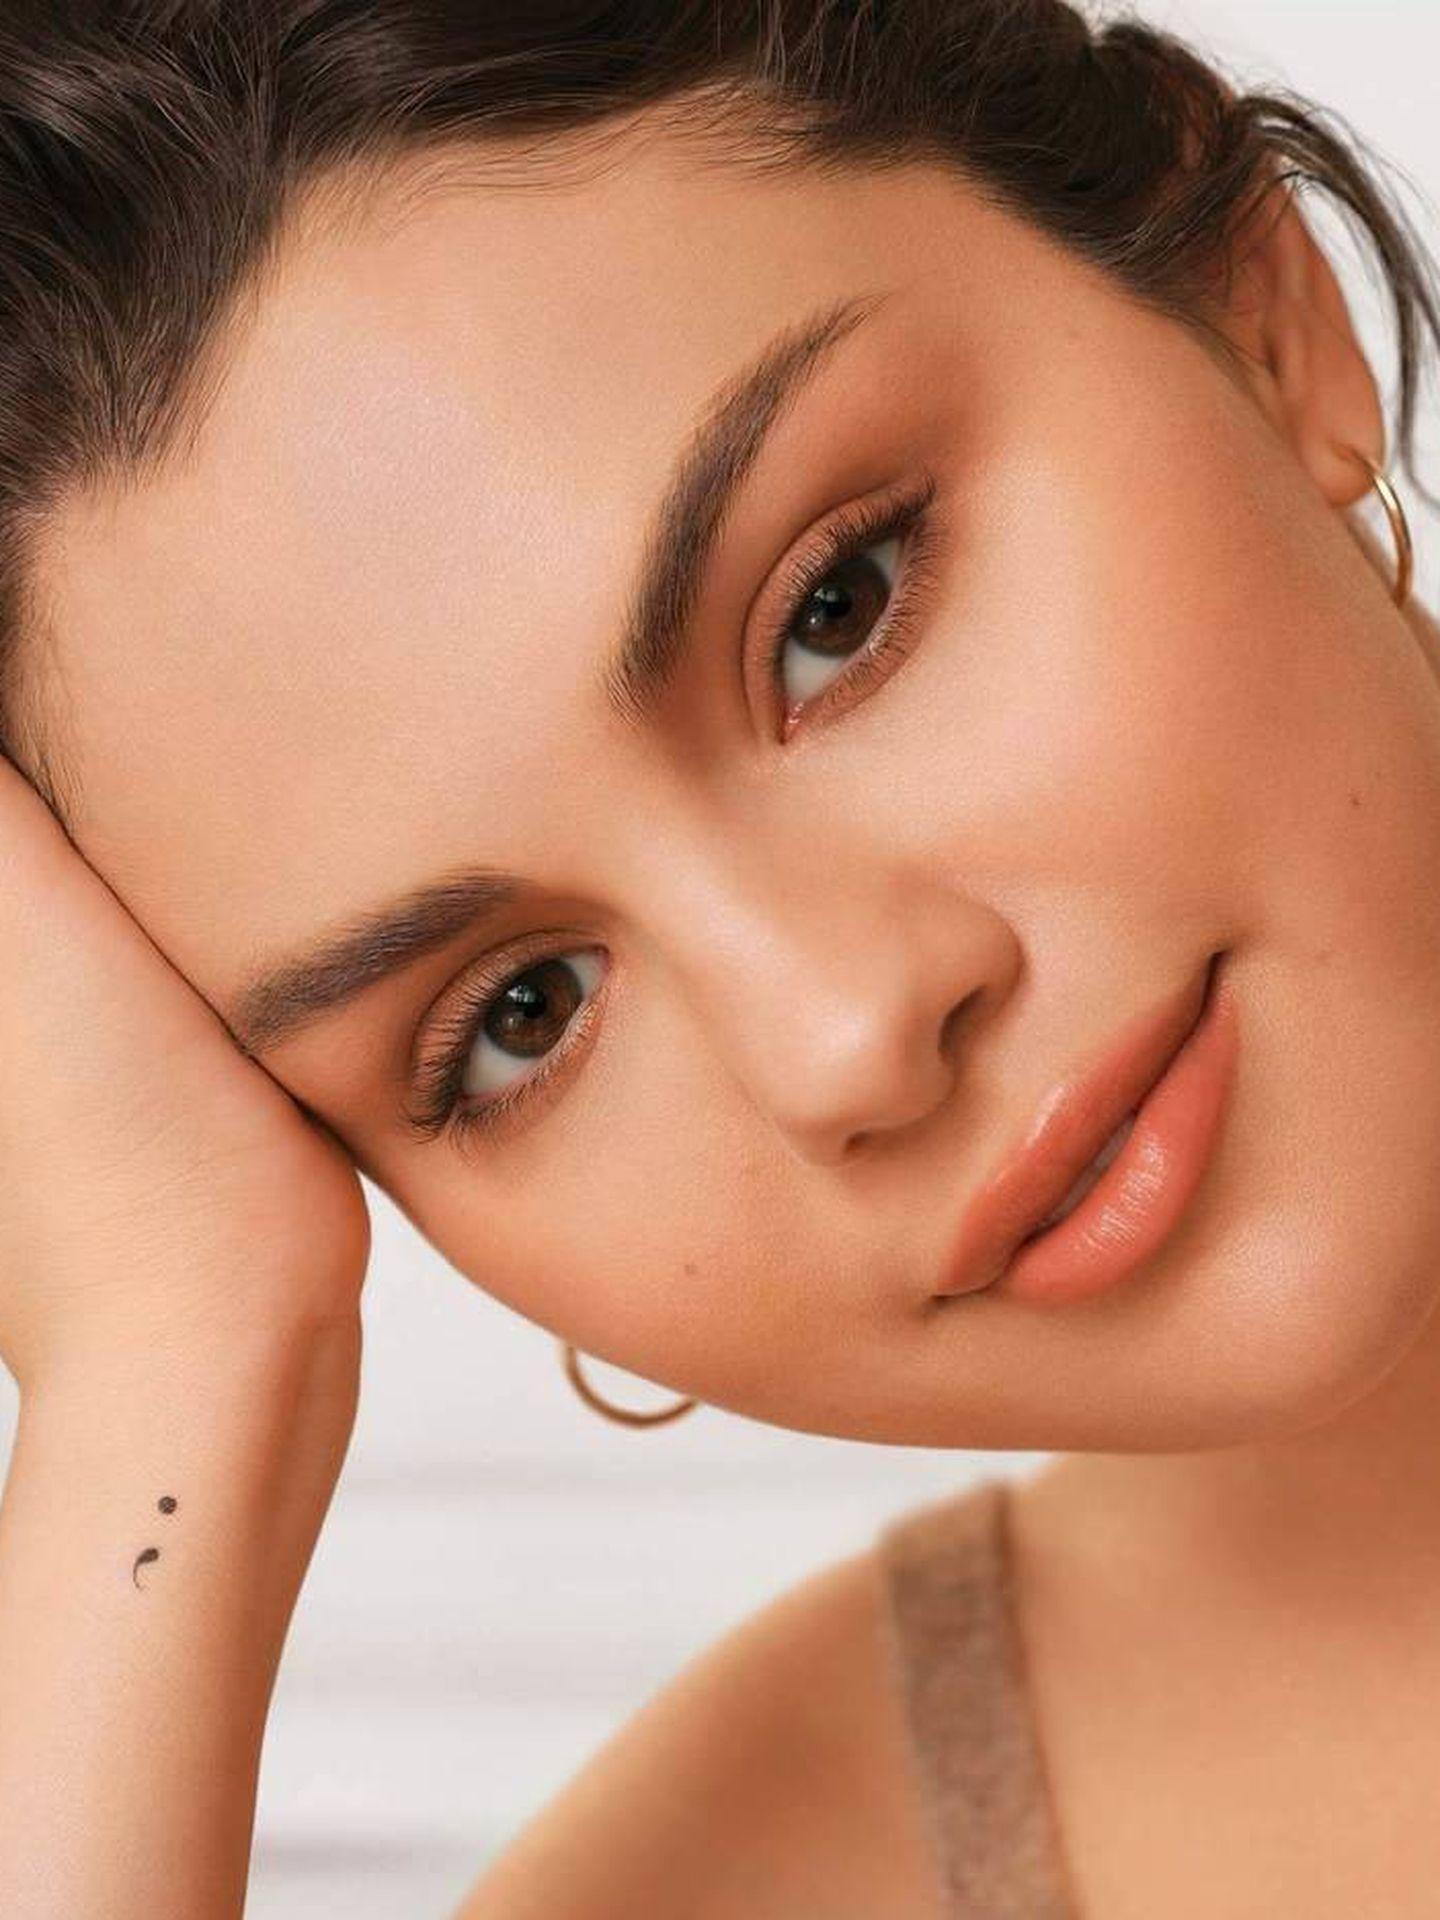 Selena Gomez, en una imagen promocional de Rare Beauty.